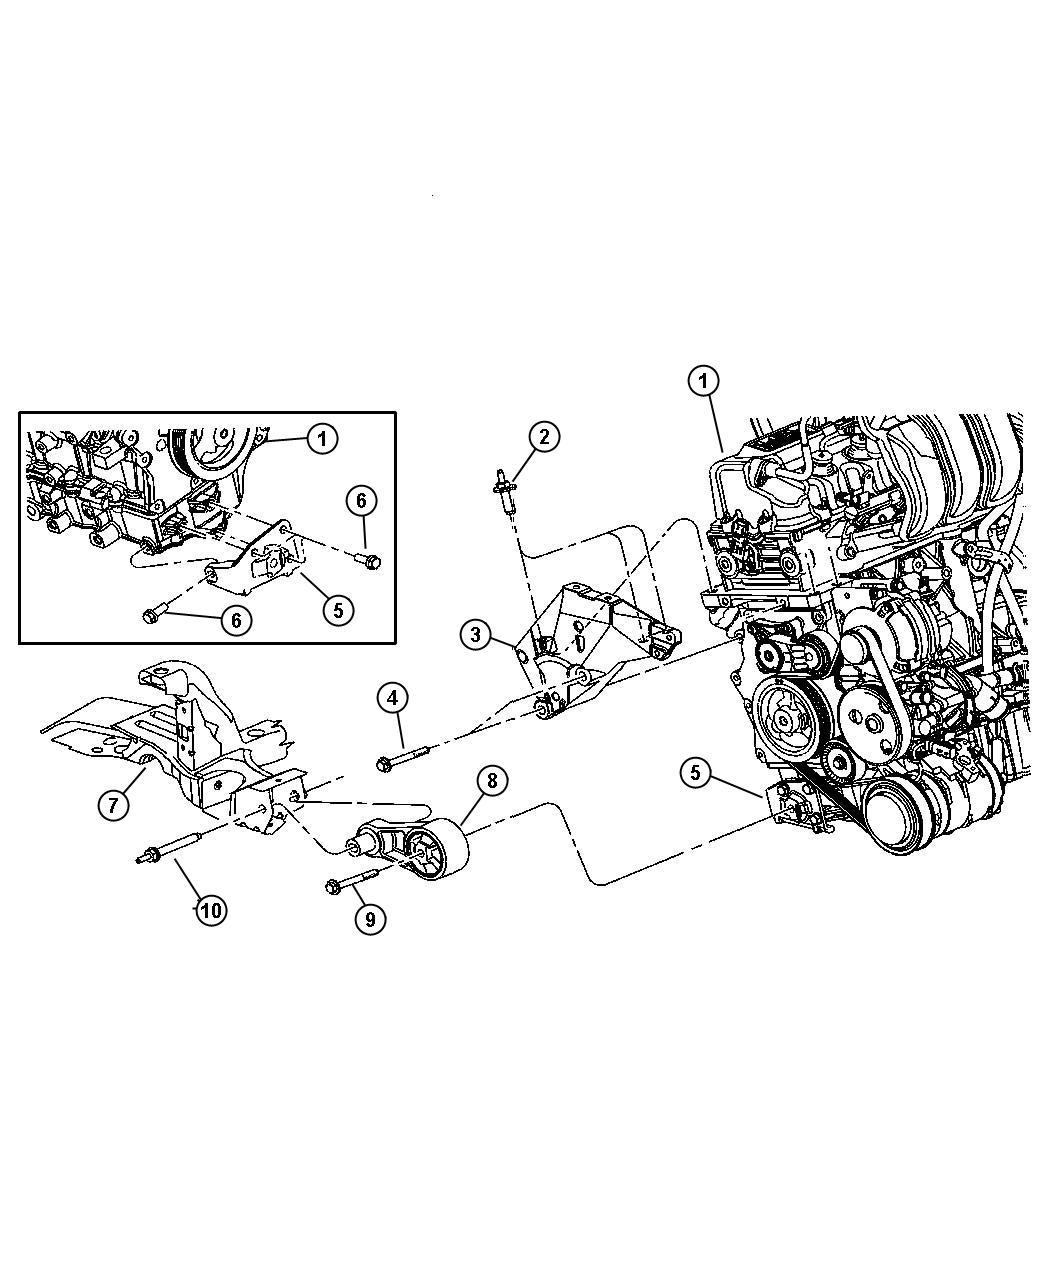 2011 Dodge Ram 5500 Isolator. Transmission mount. Manual